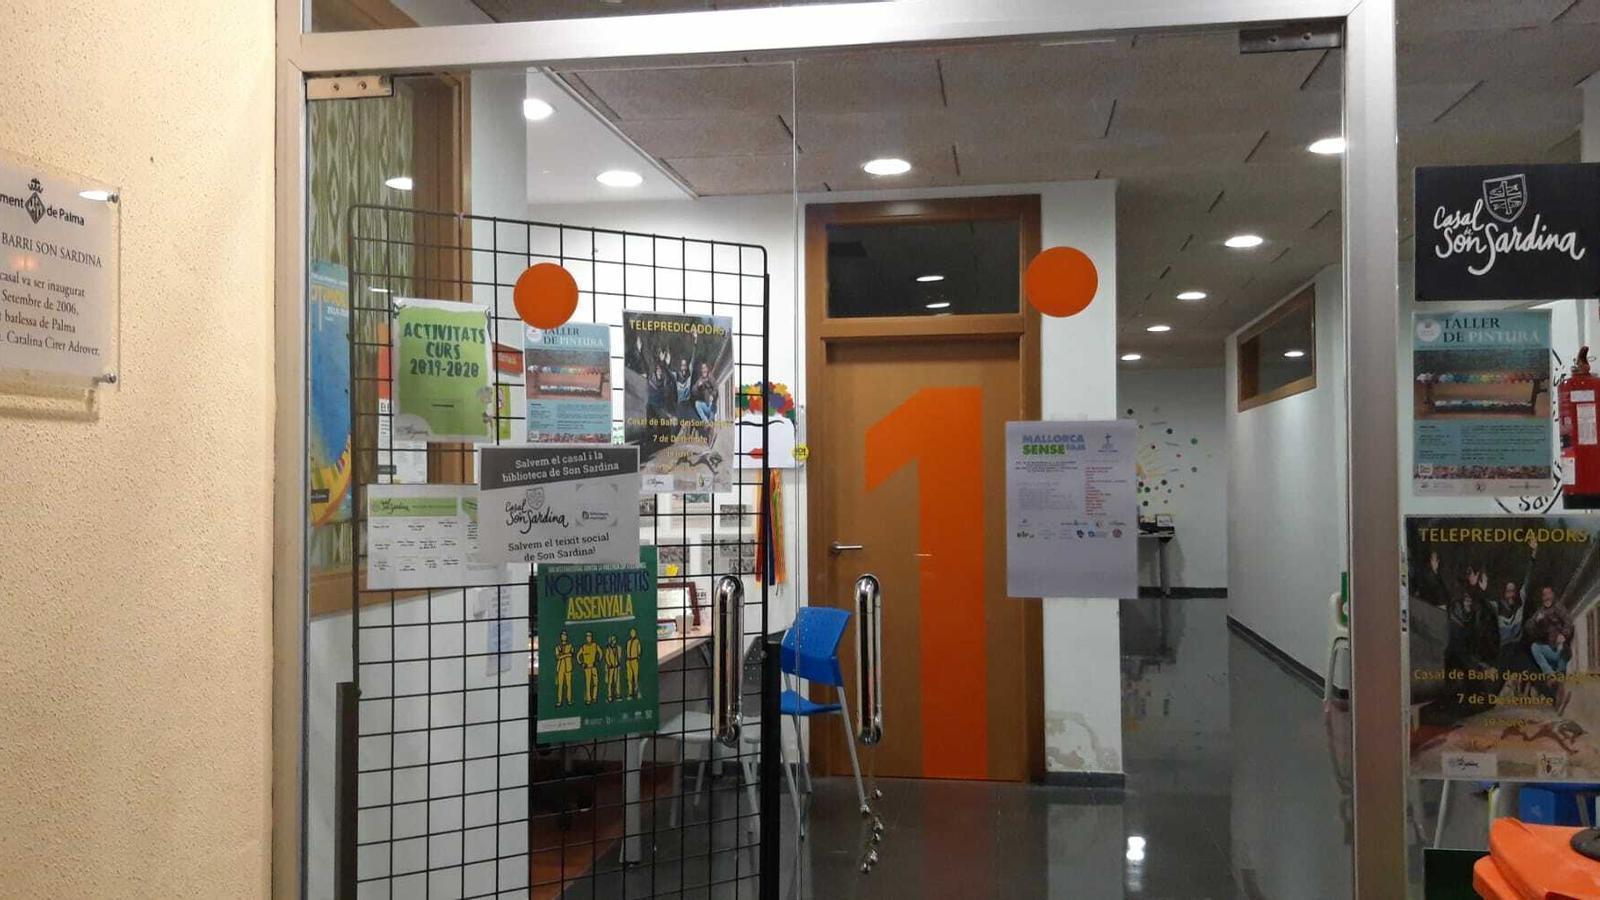 L'agressiu fons d'inversió Lone Star pretén desnonar el casal de barri i la biblioteca de Son Sardina